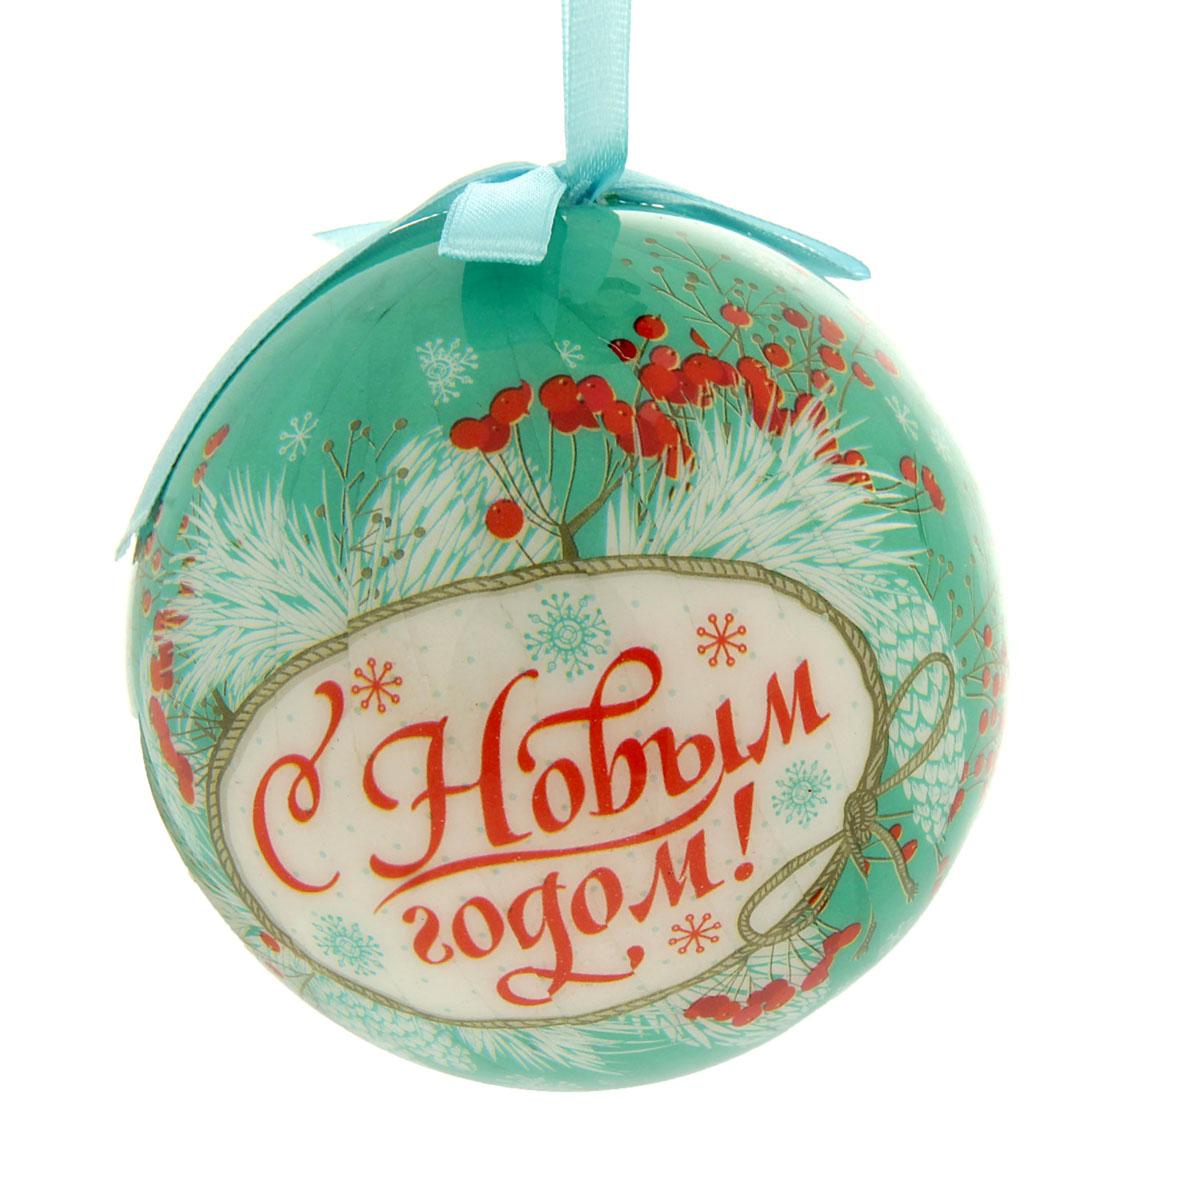 """Новогоднее подвесное украшение """"Sima-land"""" выполнено из высококачественного пенопласта в форме шара и  покрыто цветной пленкой. Шар декорирован новогодним рисунком и текстильным бантом. С помощью специальной  петельки украшение можно повесить в любом понравившемся вам месте. Но, конечно, удачнее всего такой набор  будет смотреться на праздничной елке.   Елочная игрушка - символ Нового года. Она несет в себе волшебство и красоту праздника. Создайте в  своем доме атмосферу веселья и радости, украшая новогоднюю елку нарядными игрушками, которые  будут из года в год накапливать теплоту воспоминаний.  УВАЖАЕМЫЕ КЛИЕНТЫ!   Обращаем ваше внимание на возможные изменения в дизайне, связанные с ассортиментом продукции. Поставка  осуществляется в зависимости от наличия на складе.    Материал: пенопласт, пленка, текстиль."""